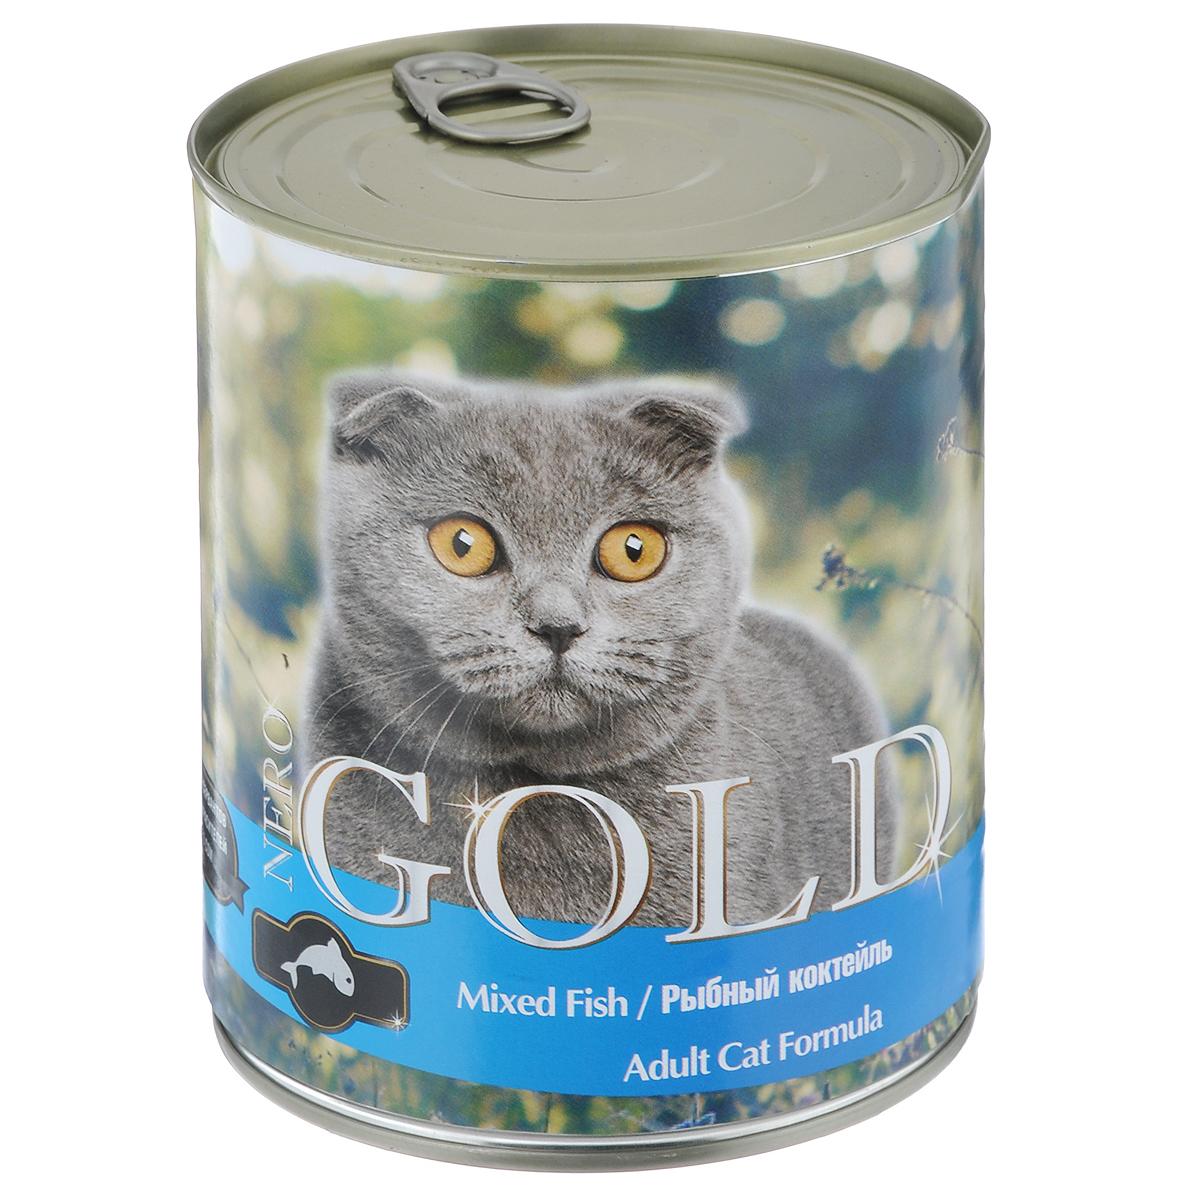 Консервы для кошек Nero Gold, рыбный коктейль, 810 г102110018Консервы для кошек Nero Gold - полнорационный продукт, содержащий все необходимые витамины и минералы, сбалансированный для поддержания оптимального здоровья вашего питомца! Состав: мясо и его производные, филе курицы, филе рыбы, злаки, витамины и минералы. Гарантированный анализ: белки 6%, жиры 4,5%, клетчатка 0,5%, зола 2%, влага 81%.Пищевые добавки на 1 кг продукта: витамин А 1600 МЕ, витамин D 140 МЕ, витамин Е 10 МЕ, таурин 300 мг, железо 24 мг, марганец 6 мг, цинк 15 мг, медь 1 мг, магний 200 мг, йод 0,3 мг, селен 0,2 мг.Вес: 810 г. Товар сертифицирован.